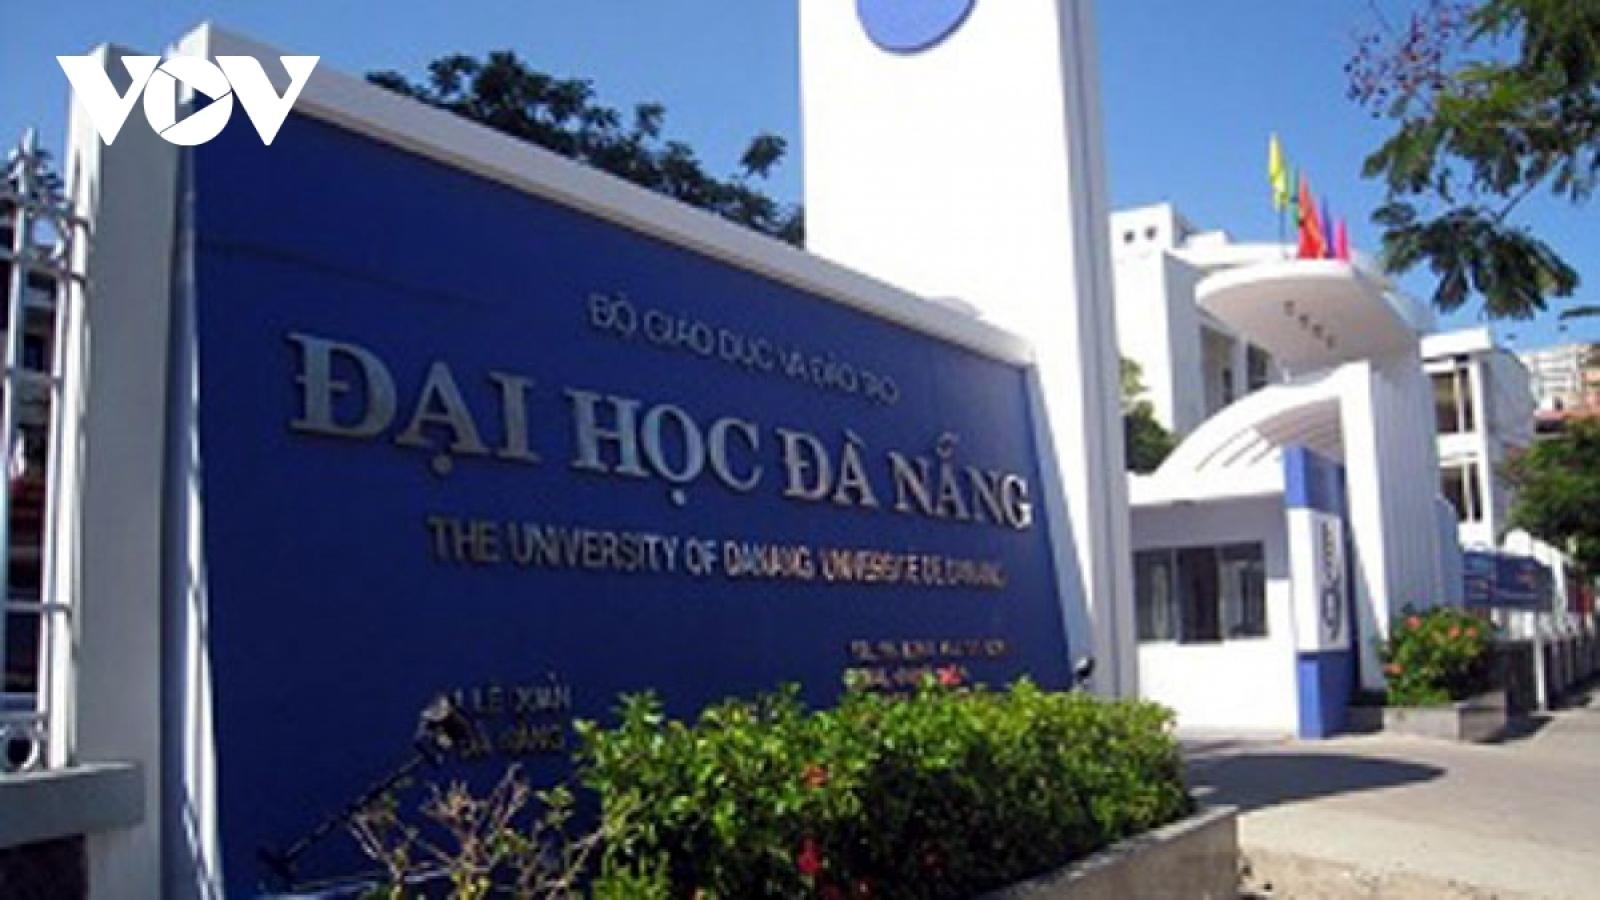 Điểm chuẩn cao nhất vào Đại học Đà Nẵng là 27,5 điểm